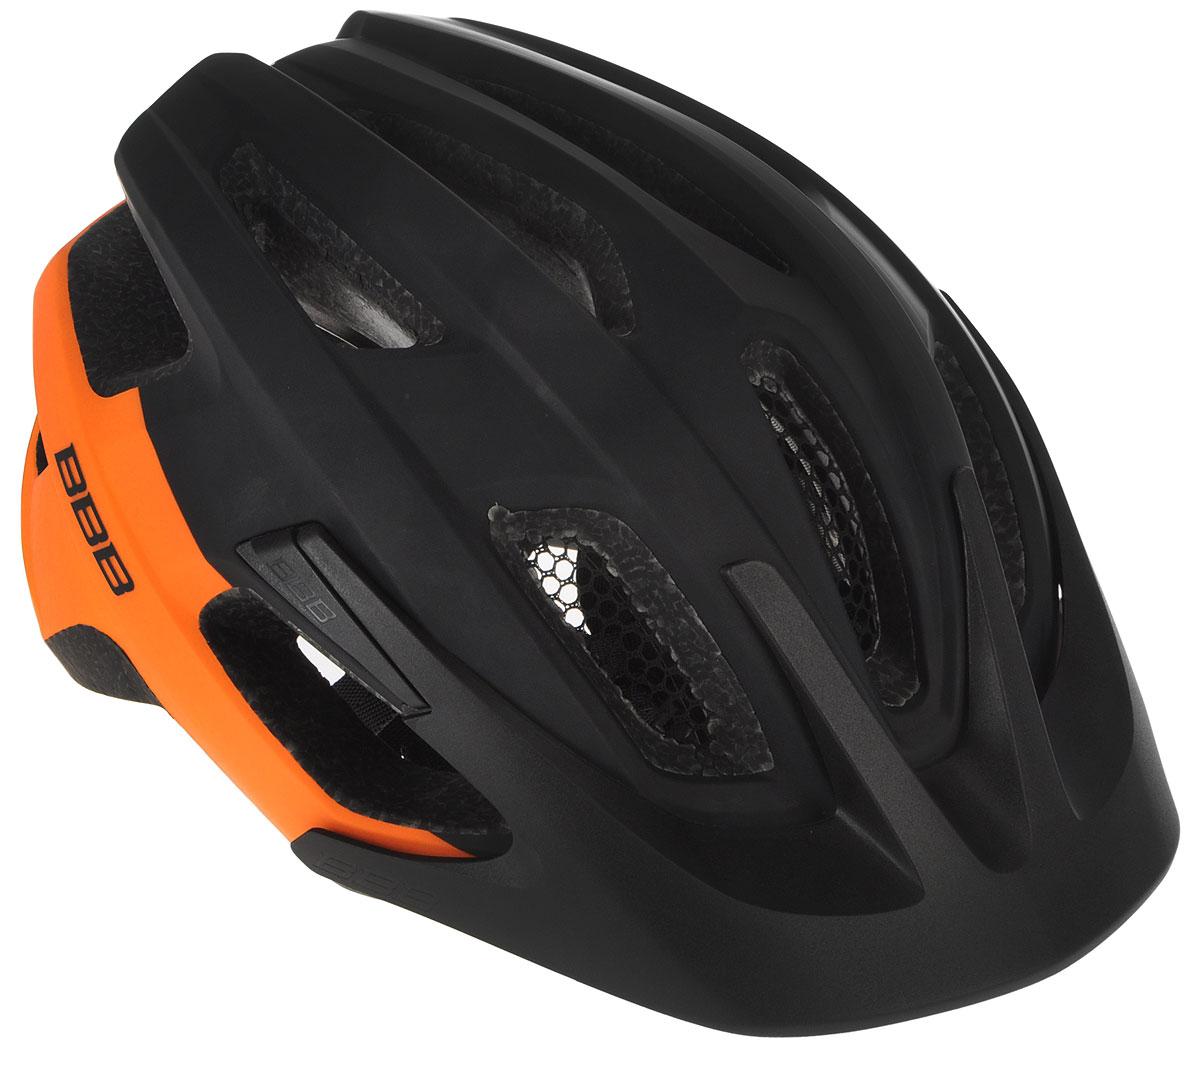 Шлем летний BBB Kite, цвет: черный, оранжевый. Размер MBHE-29Если вы в поисках по-настоящему универсального шлема, то Kite - именно то, что нужно. Продуманная конструкция со съёмным козырьком предельно функциональна. Катаетесь ли вы по шоссе, или по трейлам - с Kite вы всегда в безопасности. Низкопрофильная конструкция обеспечивает дополнительную защиту наиболее уязвимых участков головы. Поликарбонатная оболочка обеспечивает наилучшую защиту. Основой для комфортной и, при этом, плотной посадки послужила легендарная hi-end модель Icarus. Kite - это наша лучшая разработка, одинаково хорошо подходящая как для шоссе, так и для MTB. Интегрированная конструкция. 14 вентиляционных отверстий. Отверстия для вентиляции в задней части шлема для оптимального распределения потоков воздуха. Сетка для защиты от залетающих в шлем насекомых. Настраиваемые ремешки для максимально комфортной посадки. Простая в использовании система настройки TwistClose. Съёмный козырёк со скрытым креплением. Съемные мягкие...